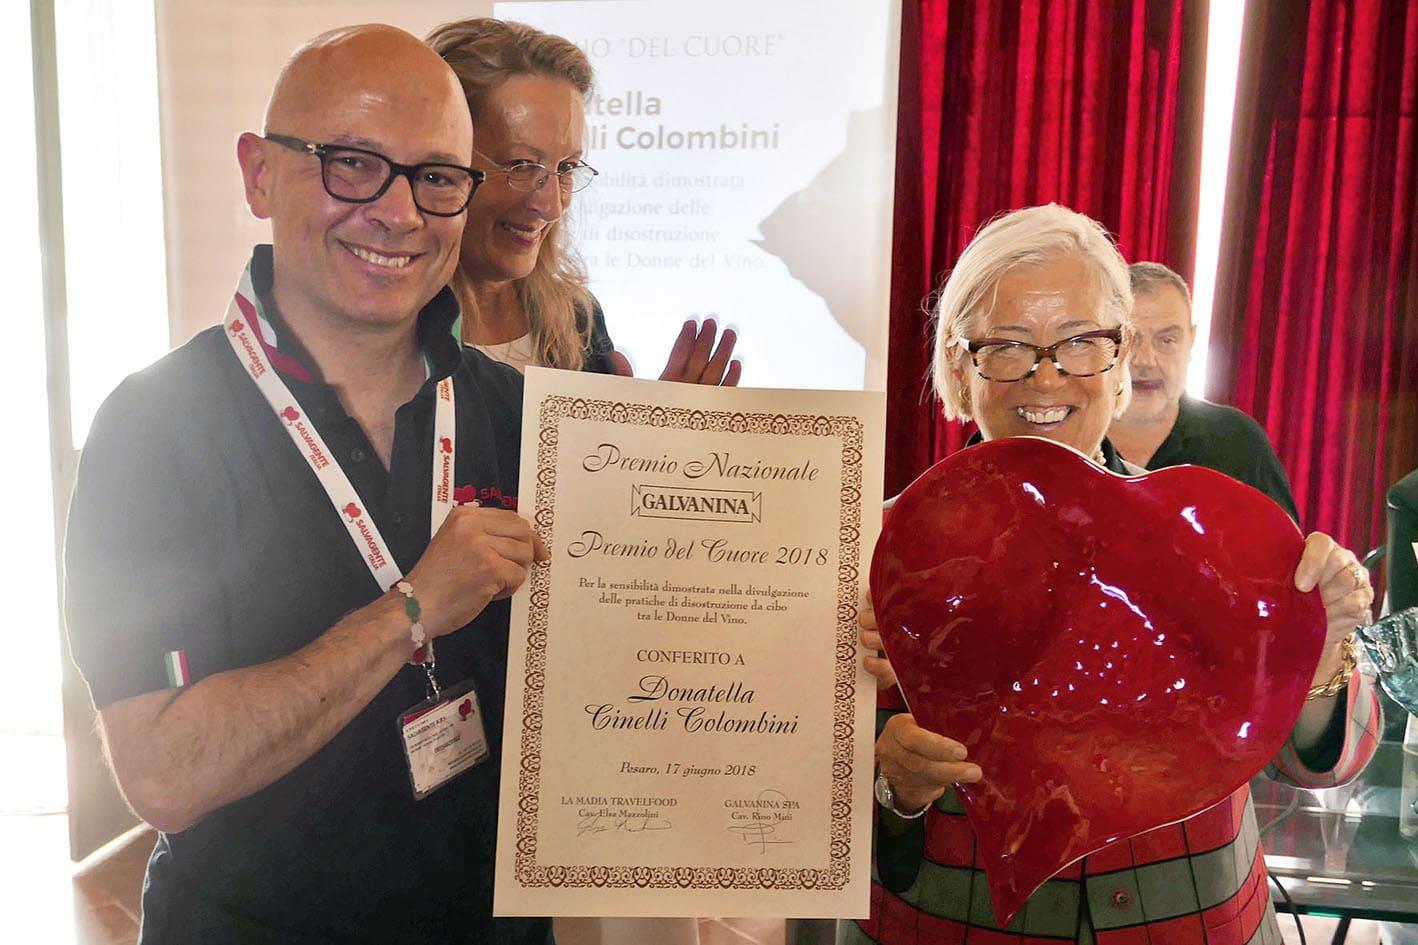 Galvanina: premio del cuore a Donatella Cinelli Colombini